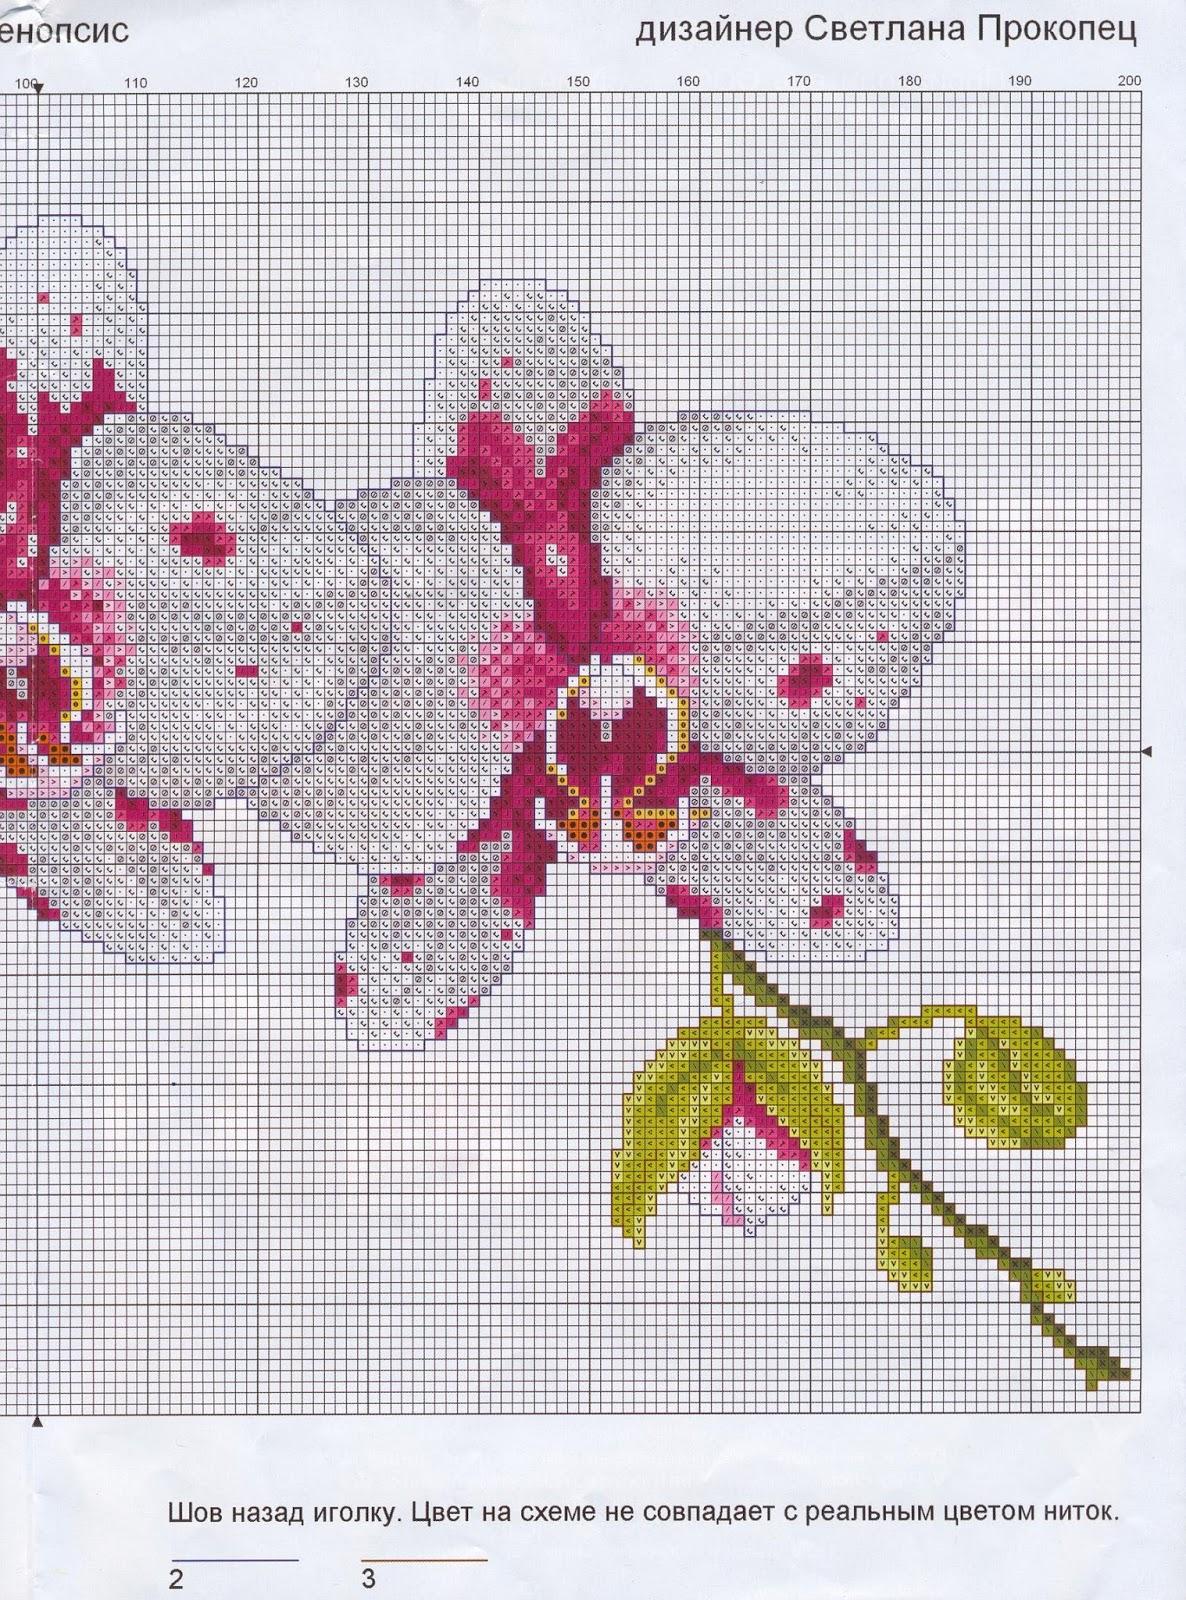 Скачать схему - Цветы, флора 76